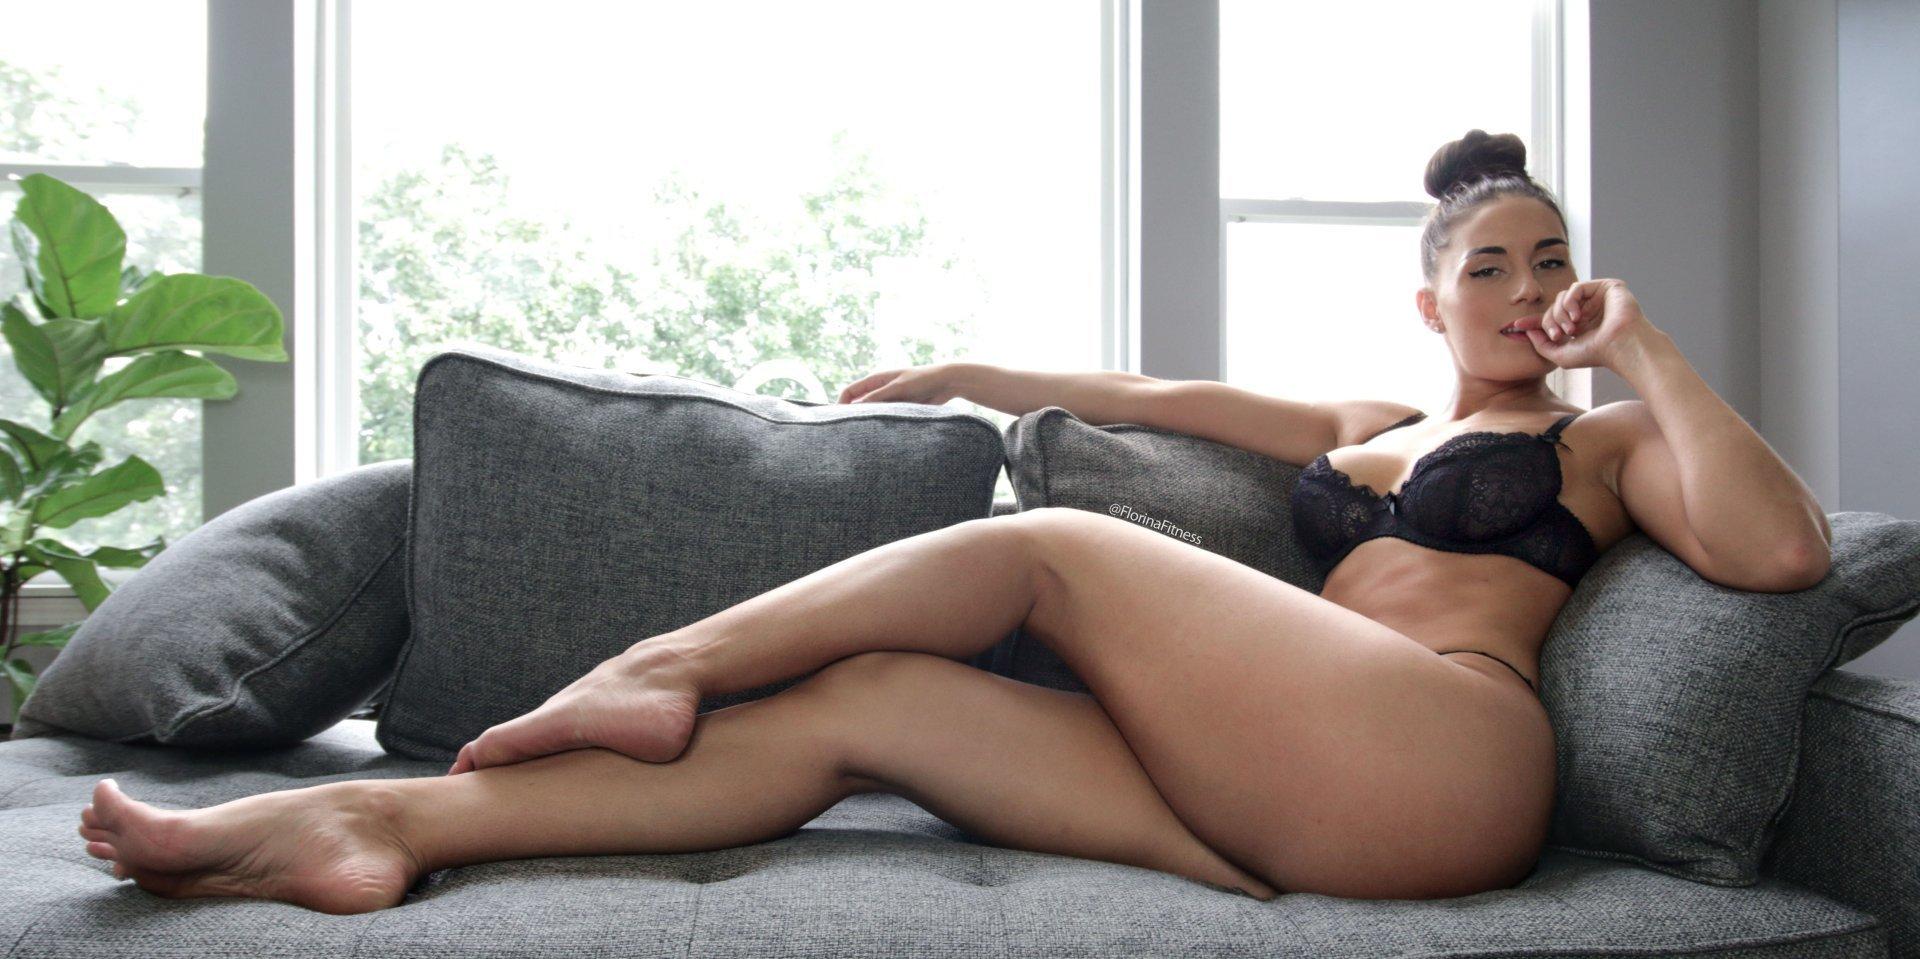 Fitness Florina Florina Patreon Nude Leaks 0026